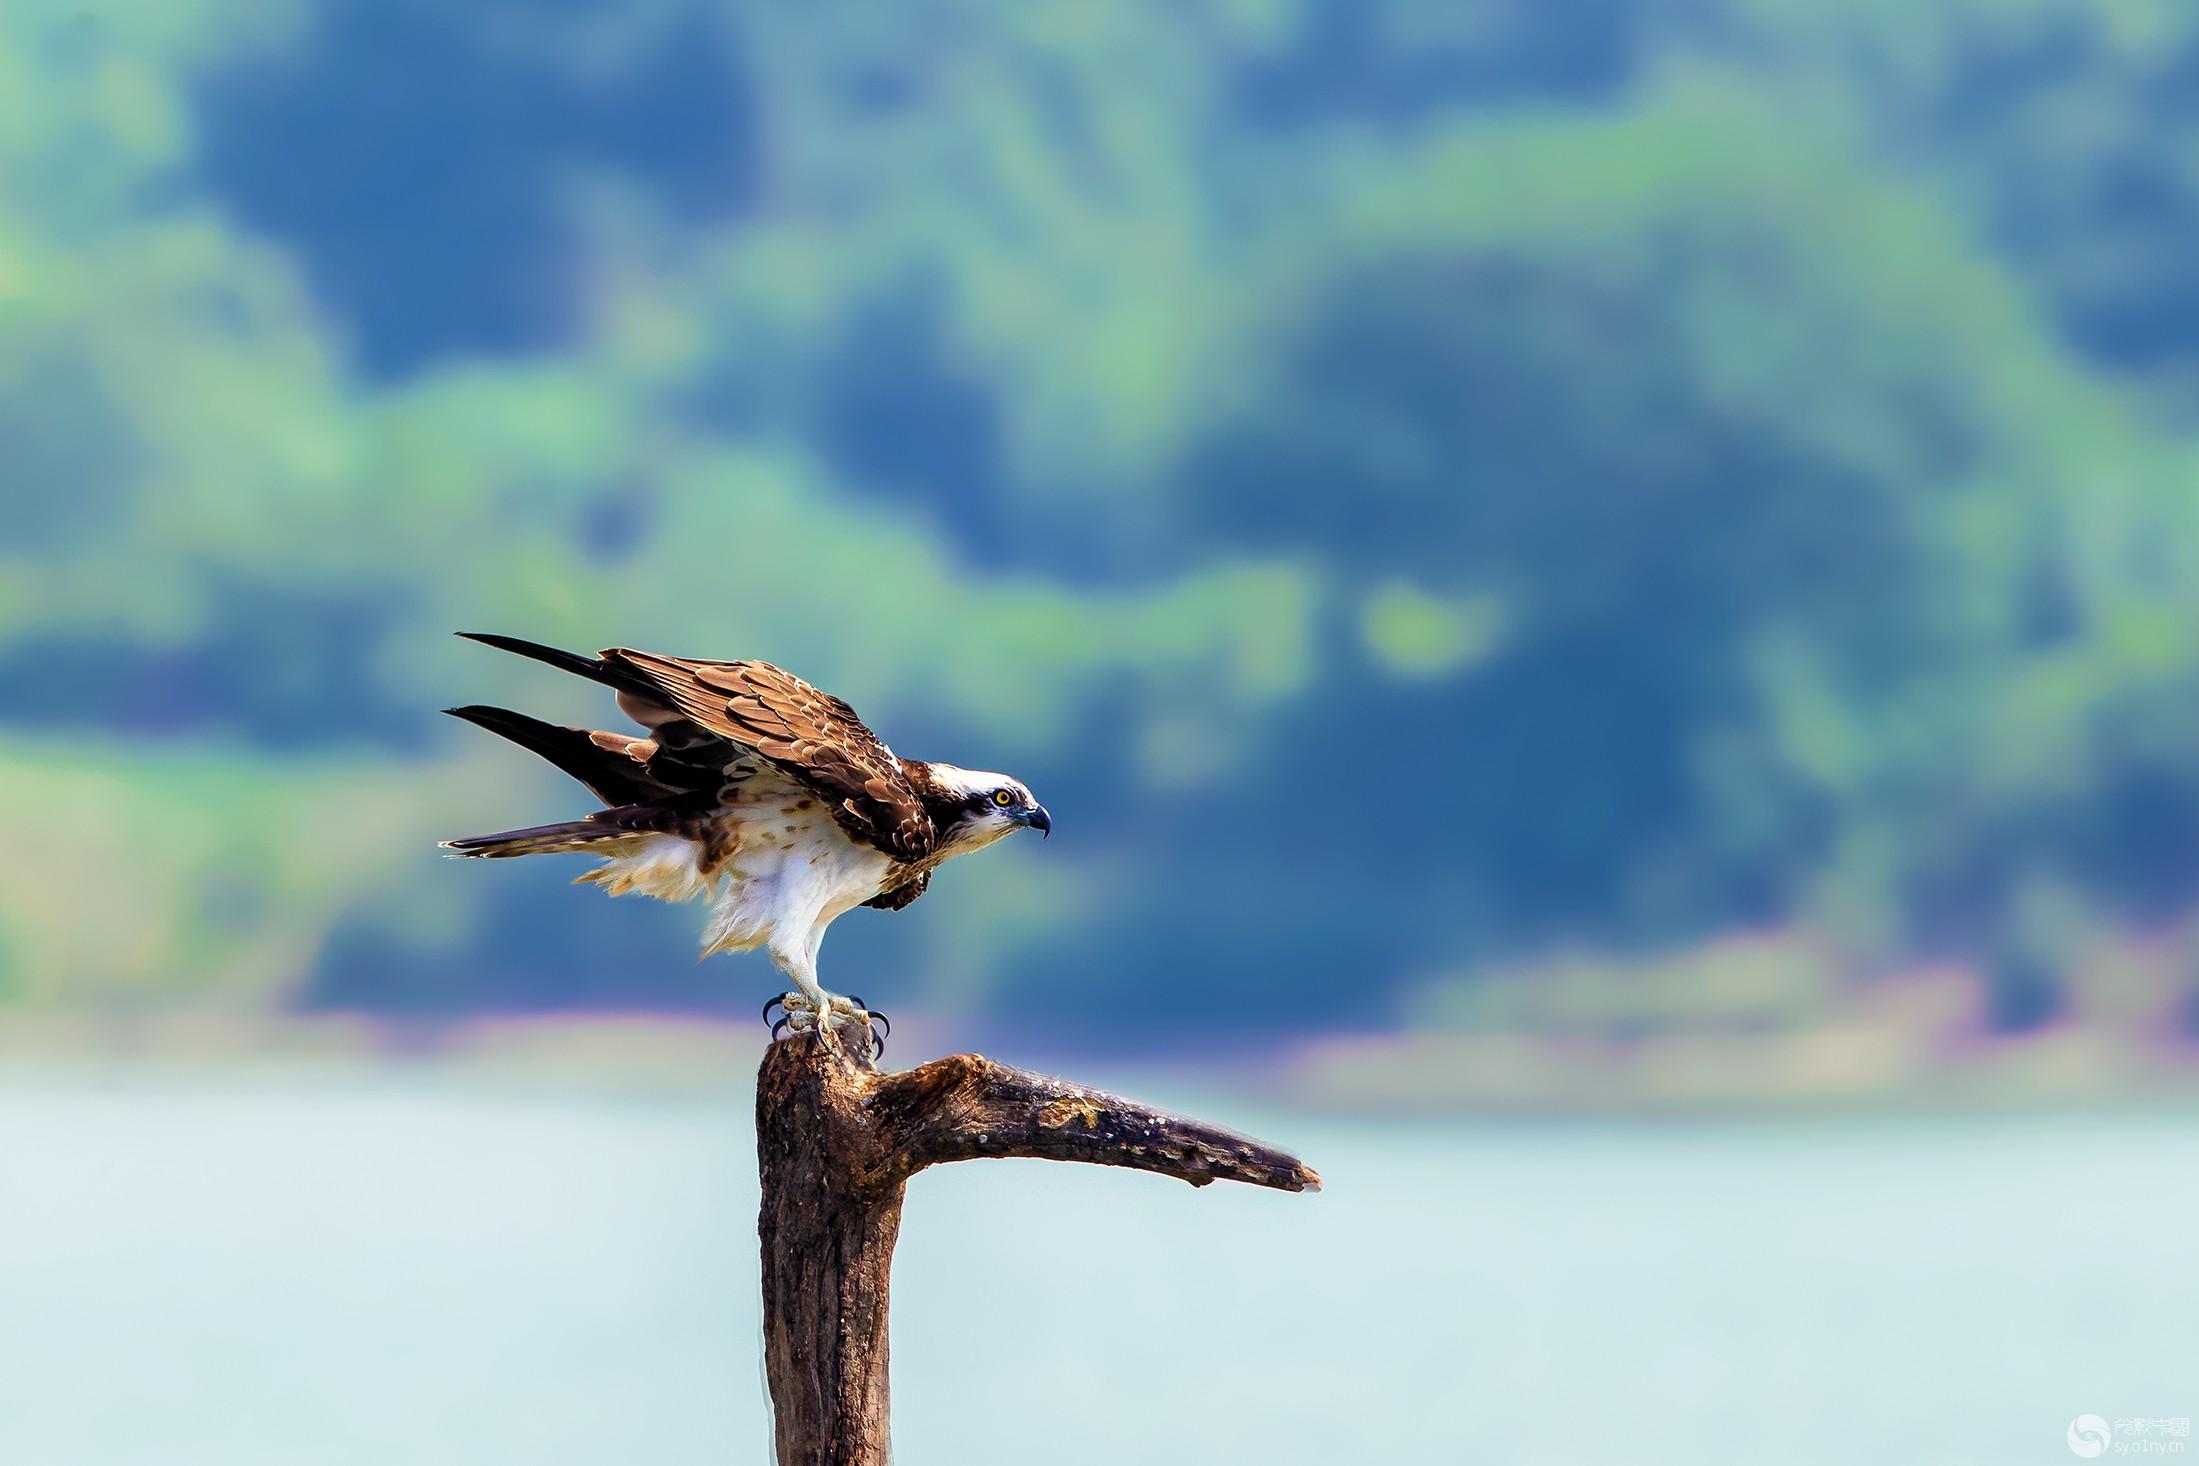 鱼鹰----振翅欲飞